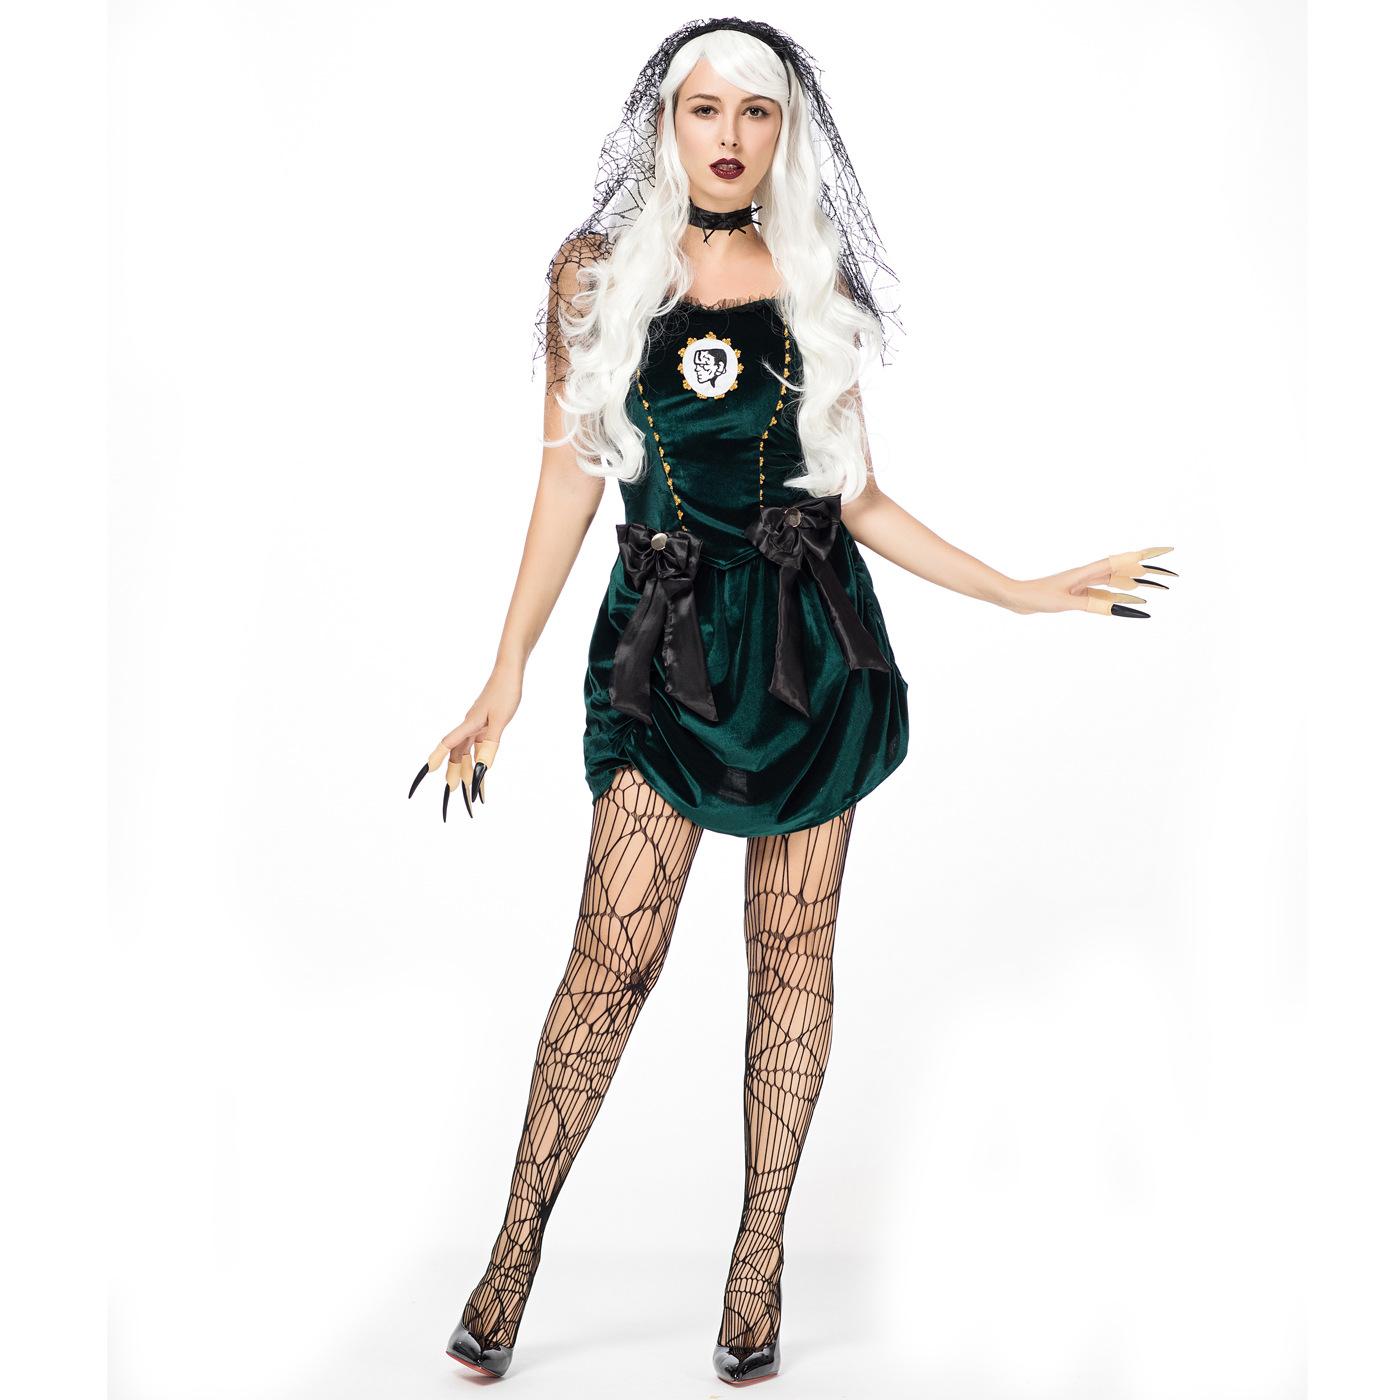 ハロウィンの服の鬼の新婦のコスプレの役は服の吸血鬼の悪魔の服装の緑色を演じます。